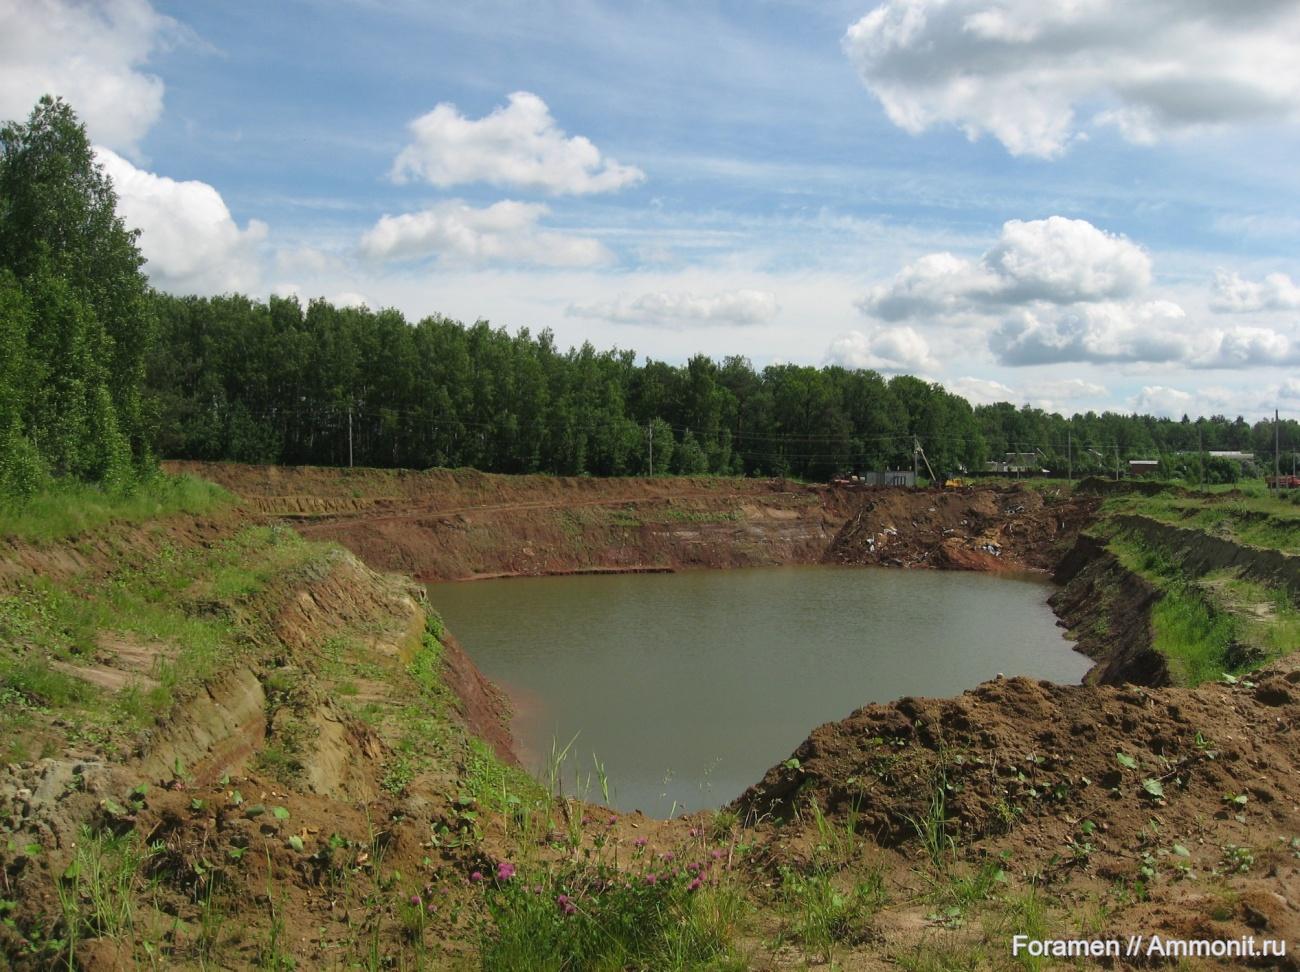 Россия тайга / леса умеренного пояса   ландшафты Гжельский глиняный карьер